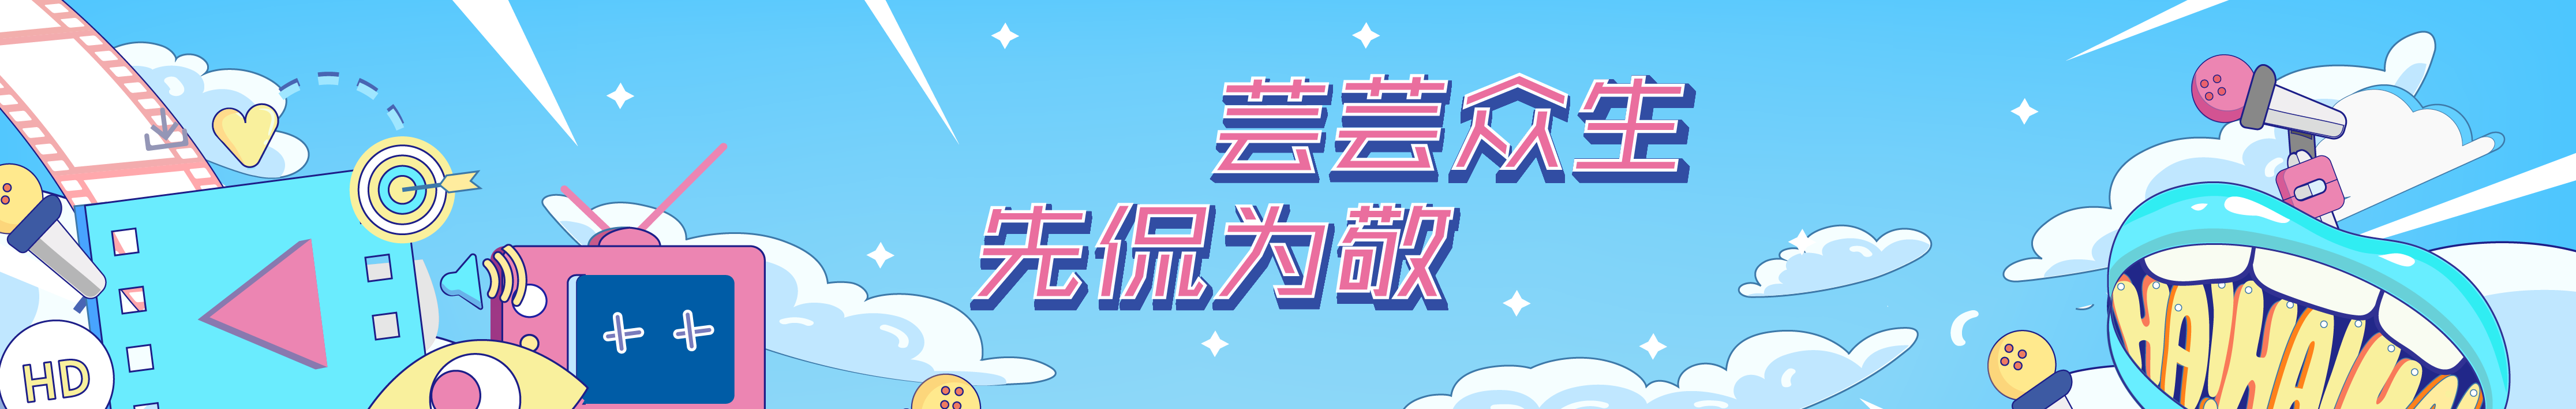 剧能侃 banner